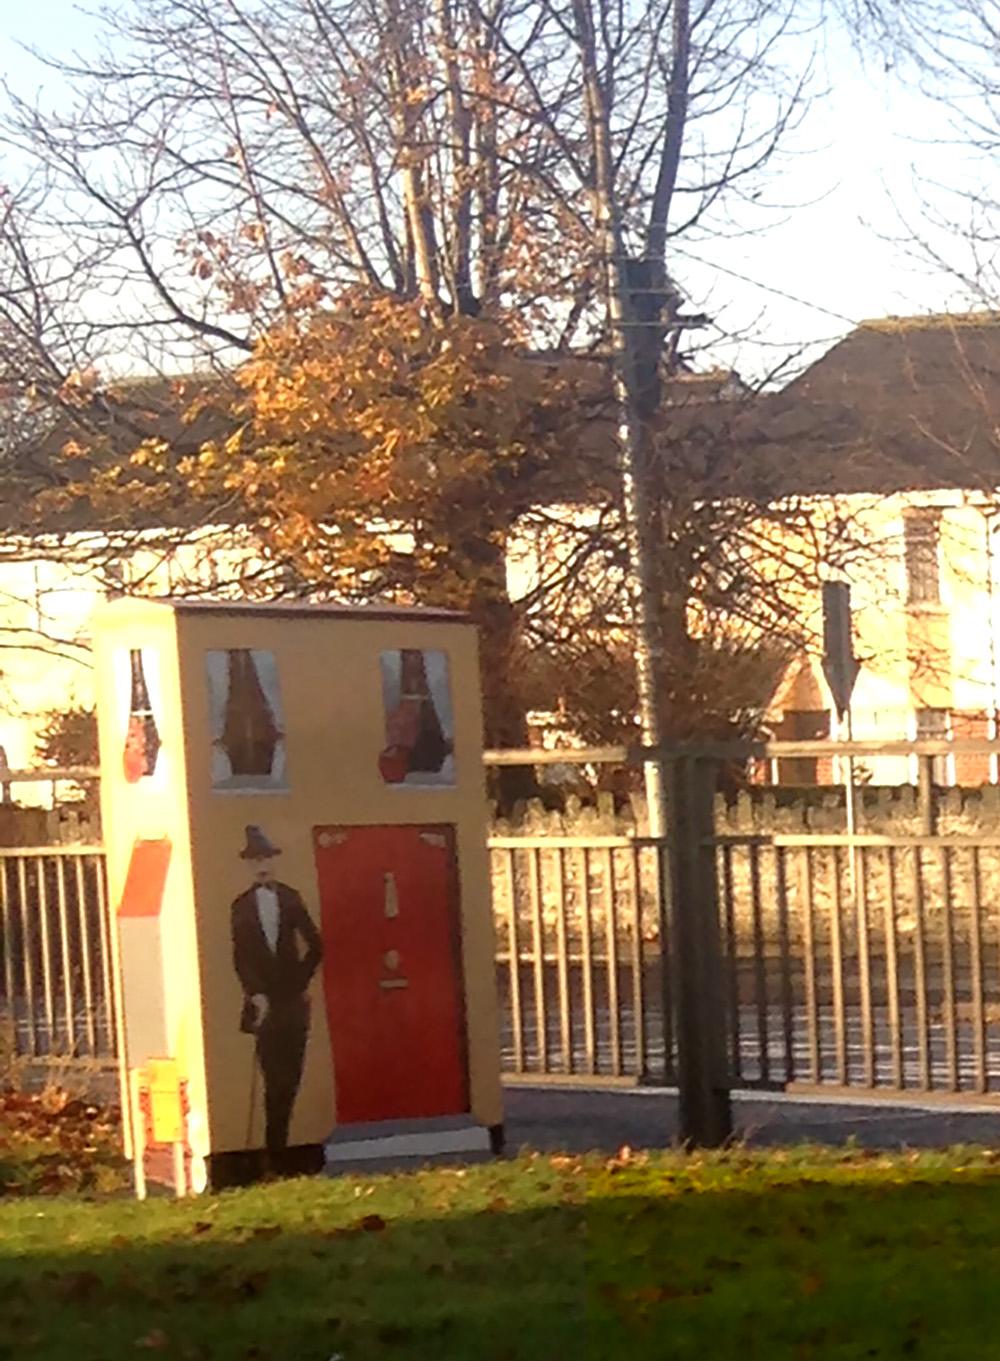 Dublin_box_art_4